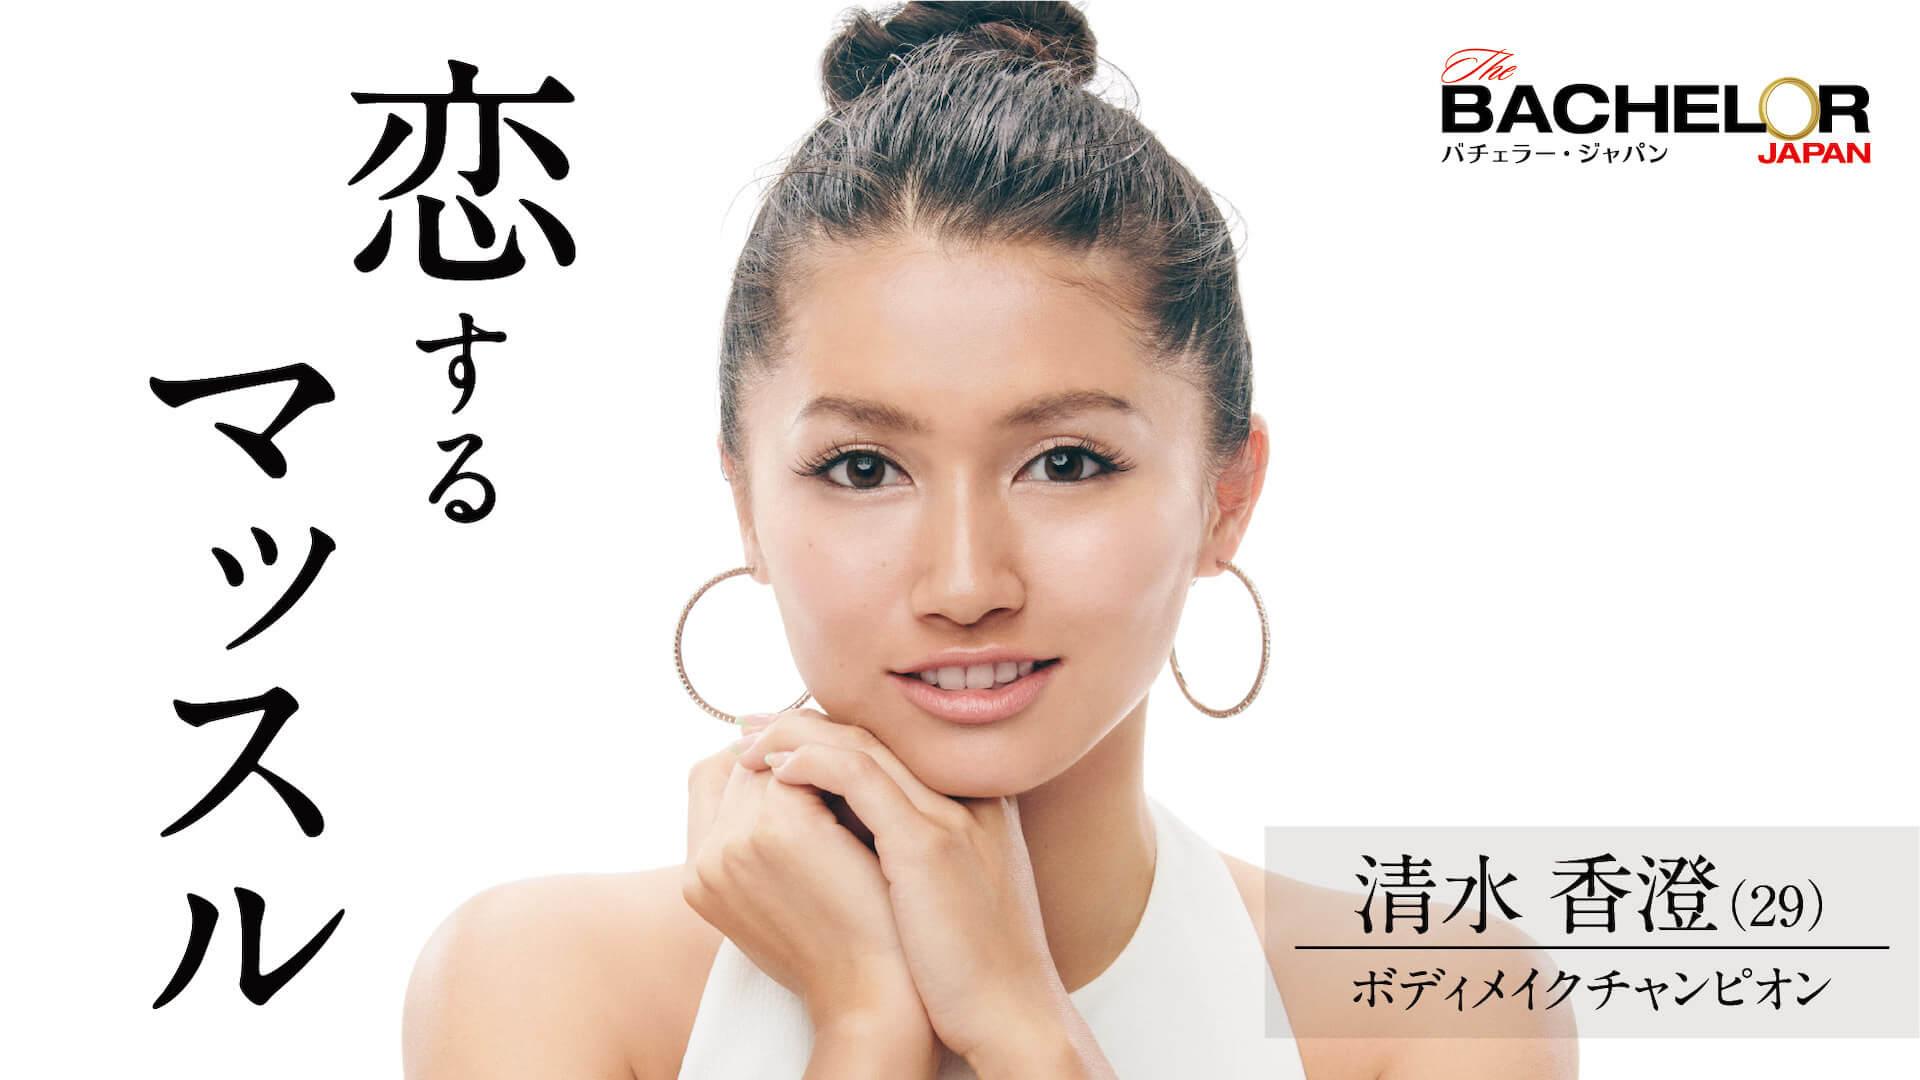 モデル、レディ・ユニバース2020日本代表、医者、経営者など続々登場!『バチェラー・ジャパン』シーズン4の女性参加者15名が一挙発表 art211007_bacelorjapan_9